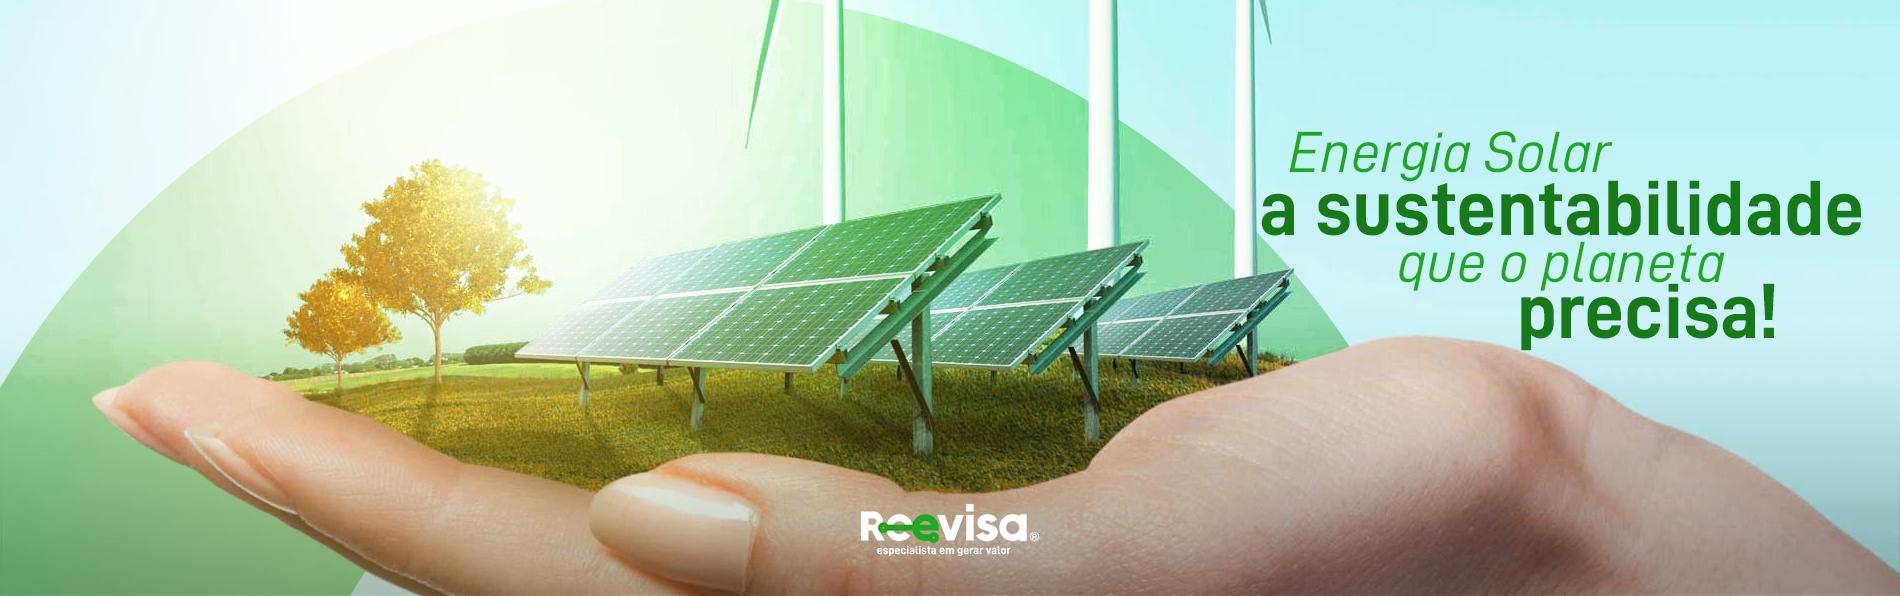 Mudanças climáticas: como a energia solar ajuda a reduzir